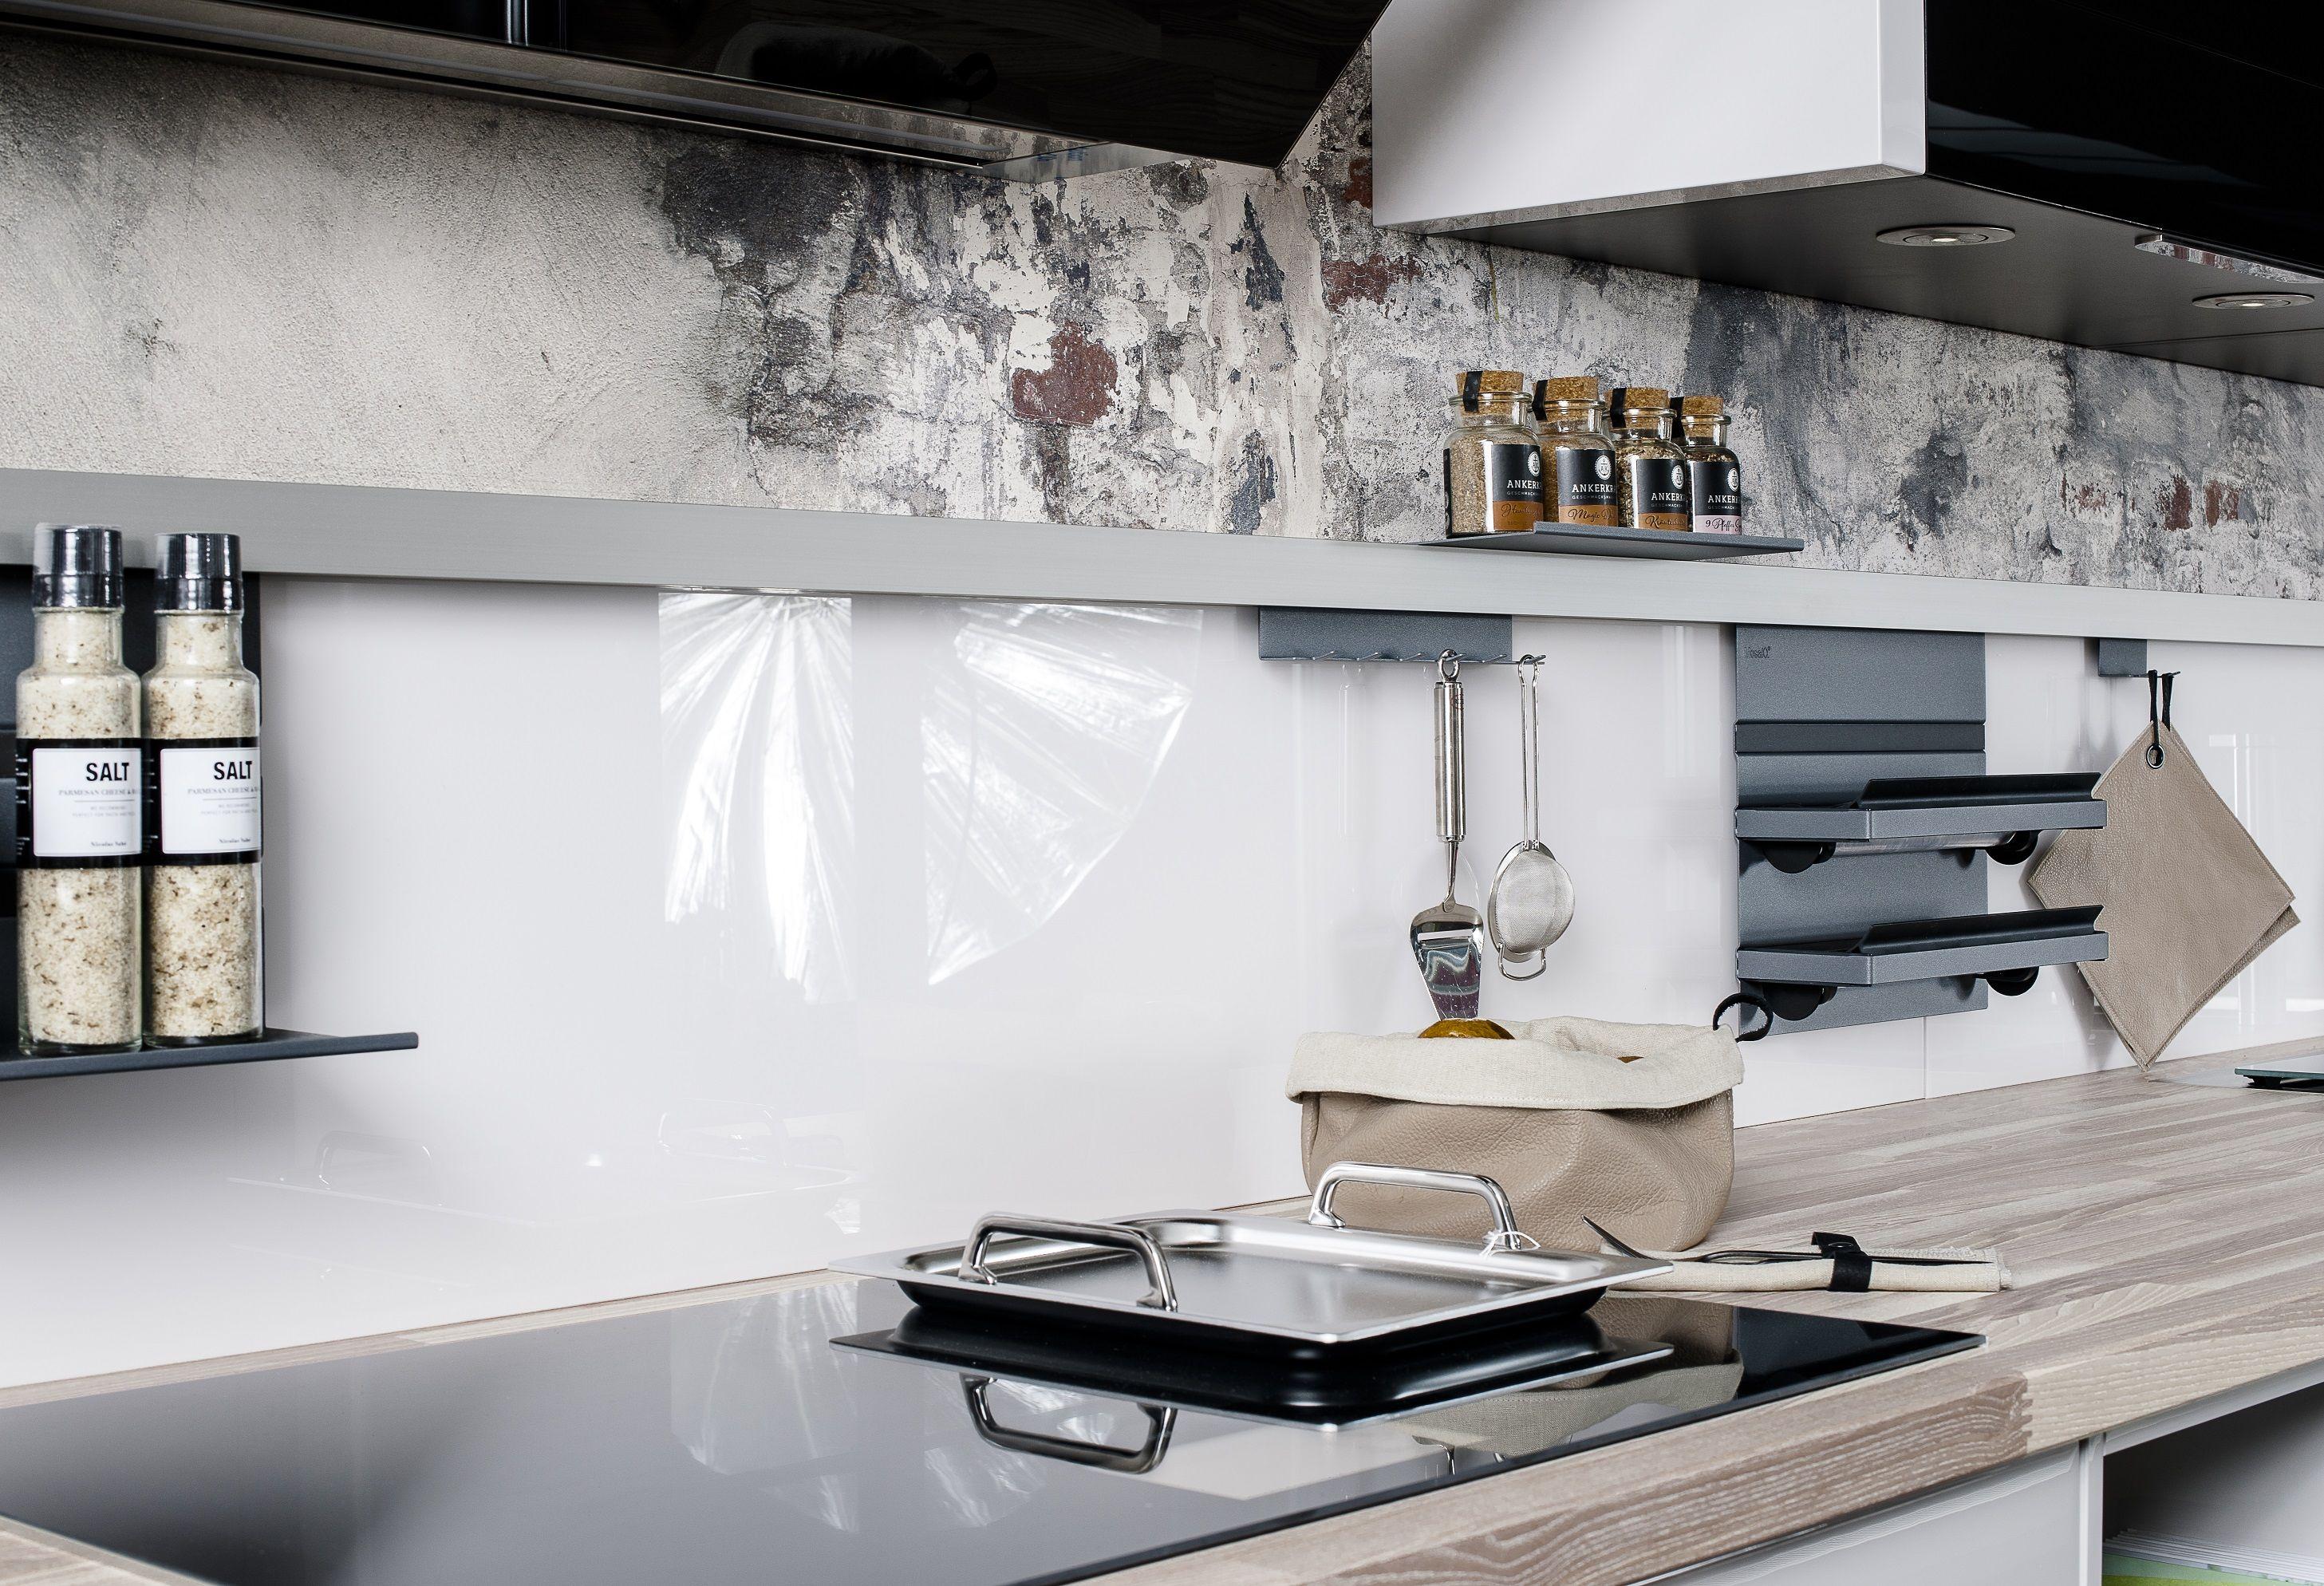 Organisationstalente Die Neuen Relingsysteme Bieten Viele Nutzungsmoglichkeiten Dranhangen Draufstellen Beleuchtung U Kuchenstudio Wohnen Kuche Planen